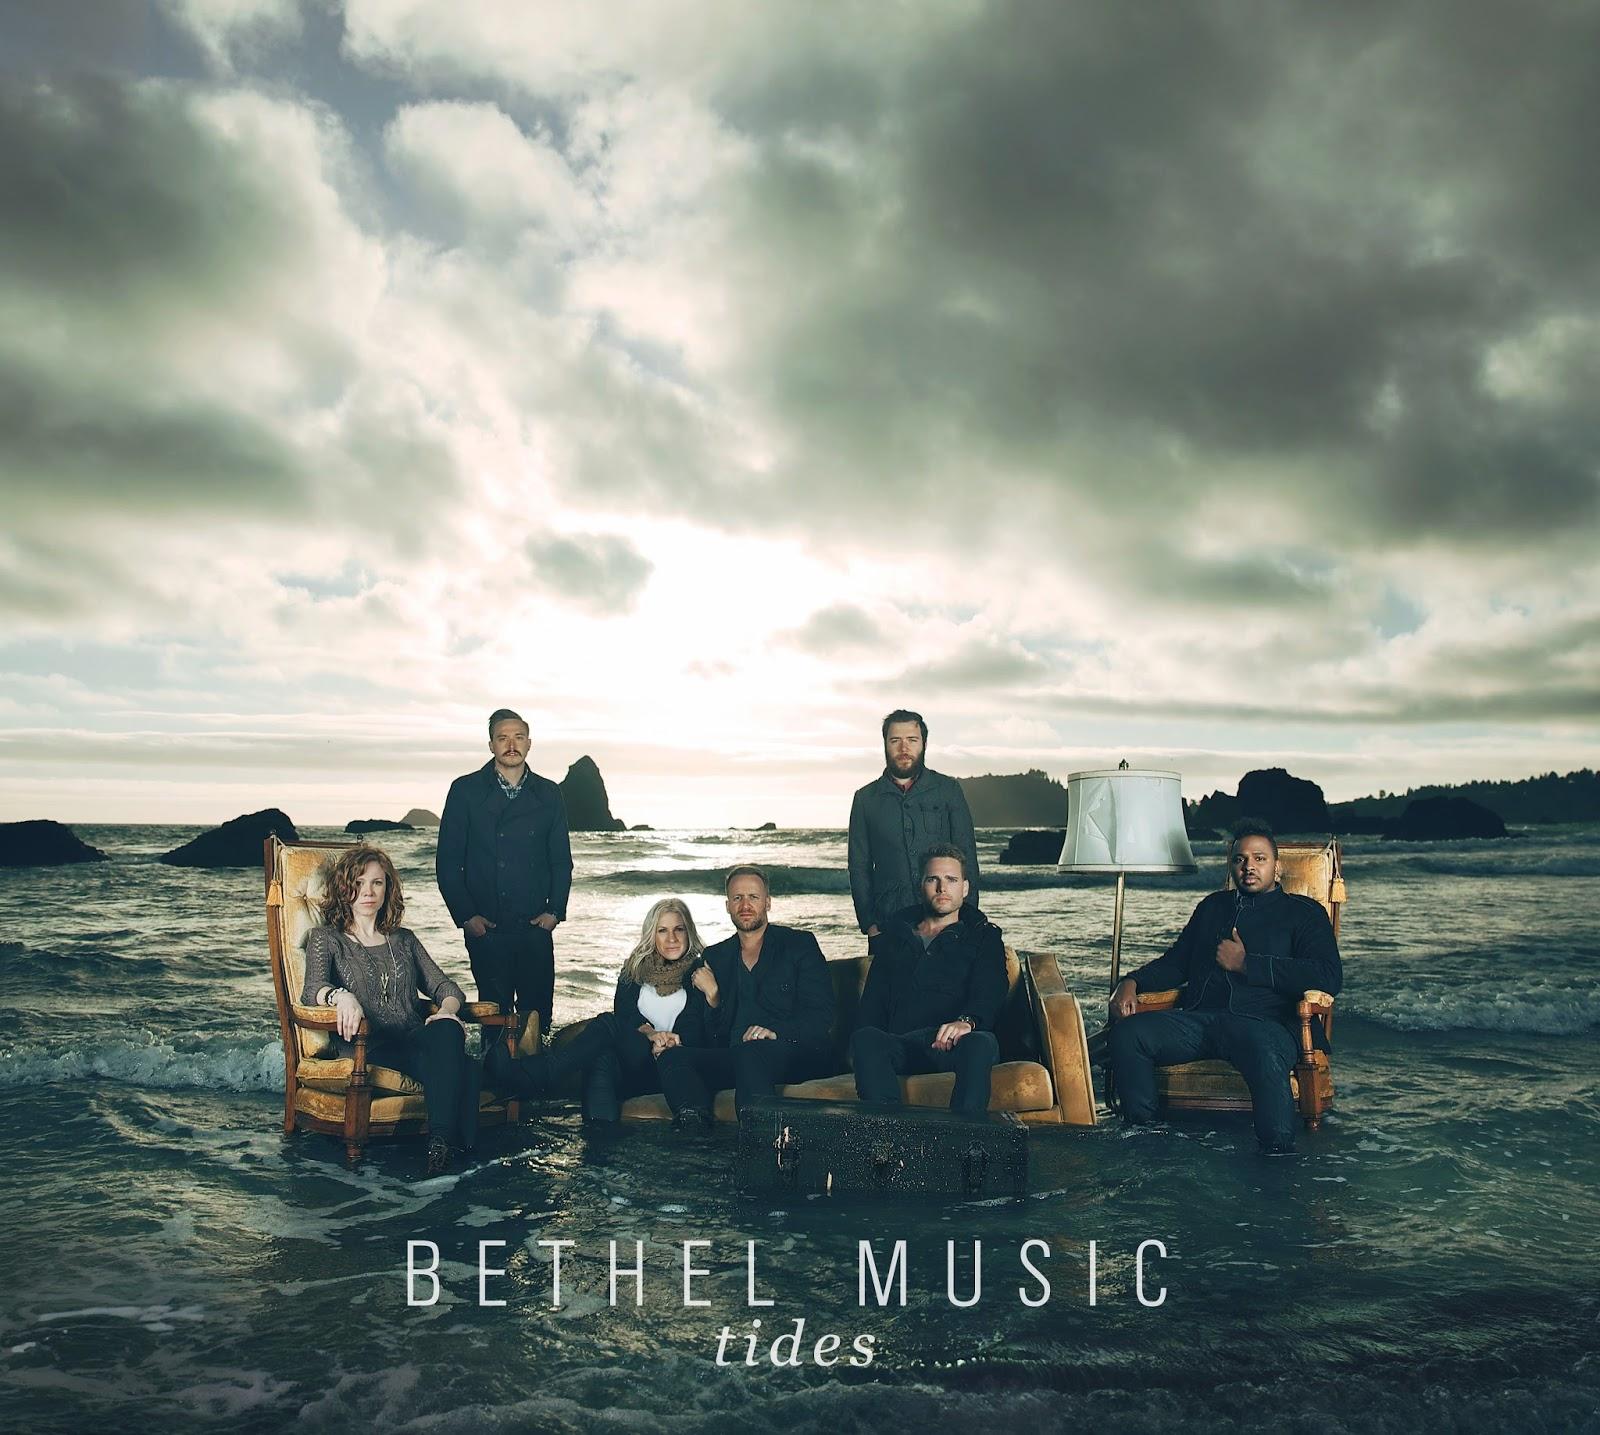 Bethel Music - TIDES cover art.jpg